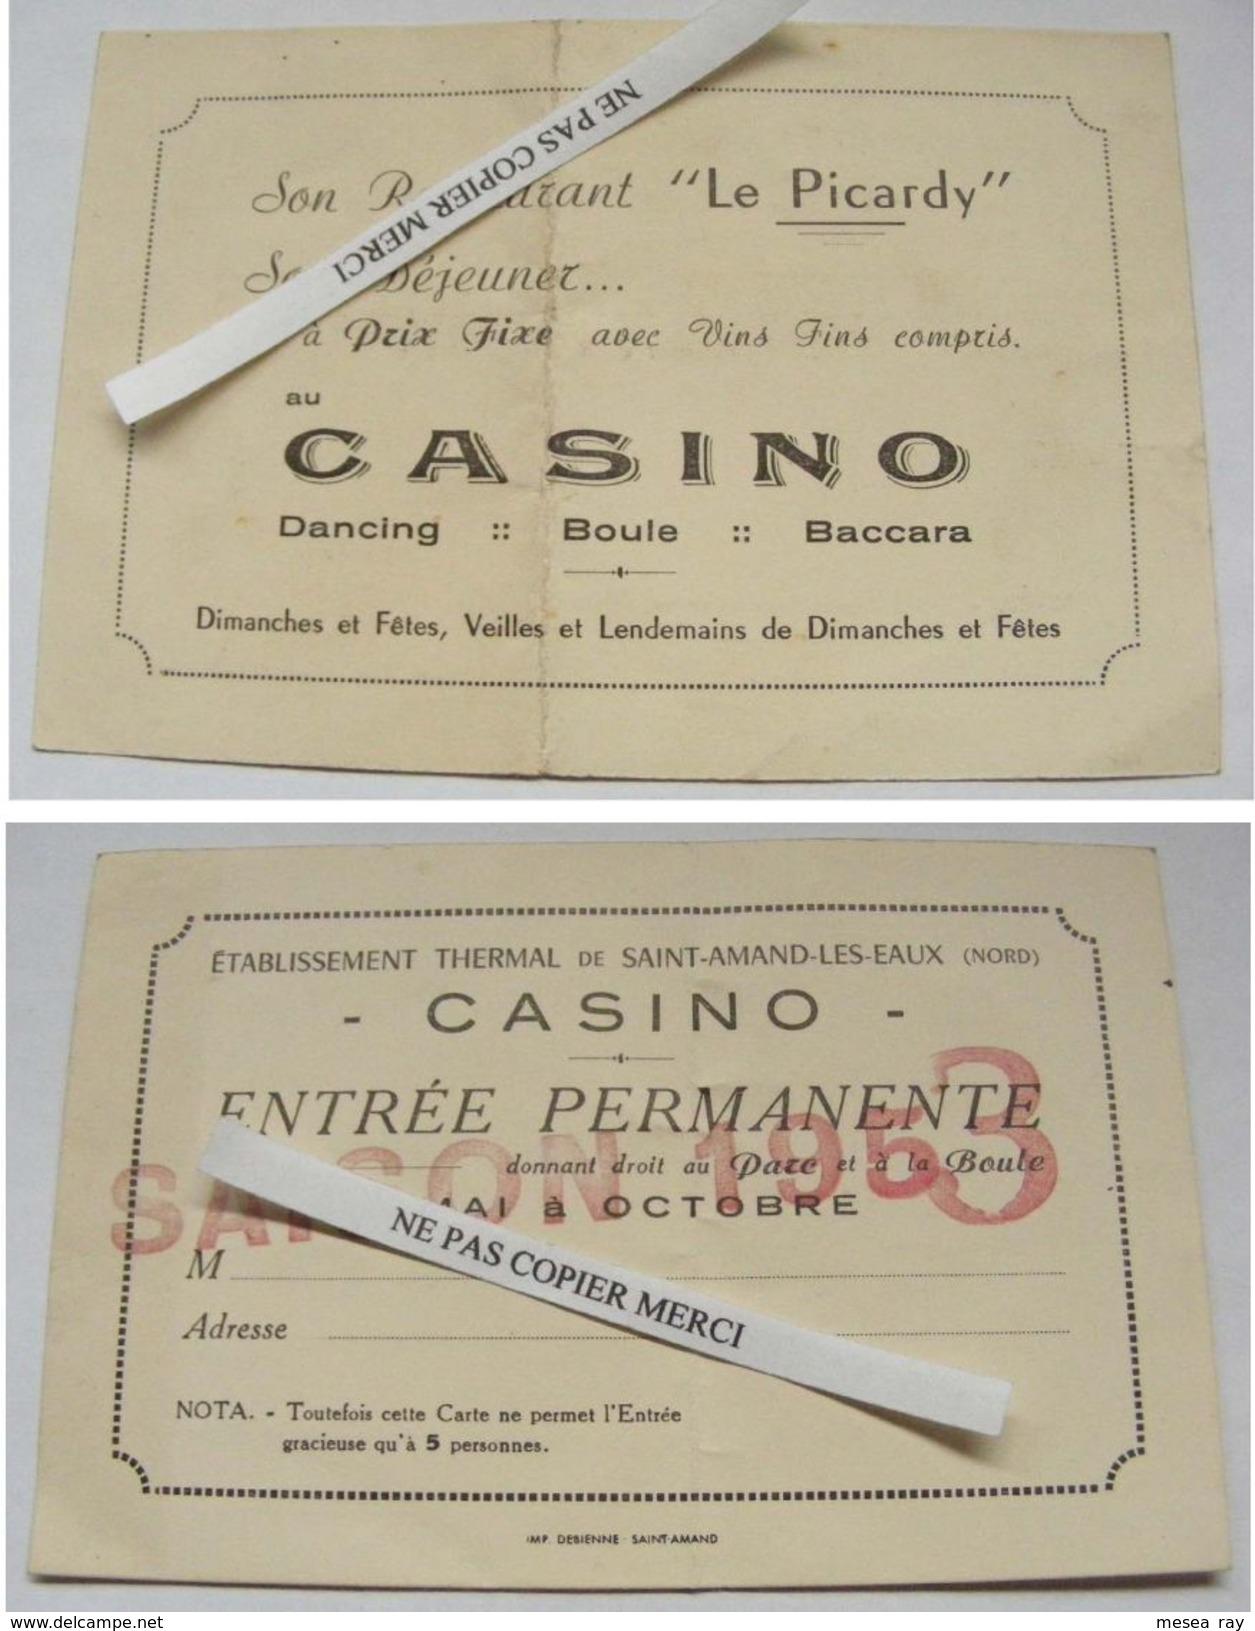 Casino De Saint Amand Les Eaux 59 Nord Carte Abonnement Entrée Permanente Saison 1953 Restaurant Le Picardy - Saint Amand Les Eaux